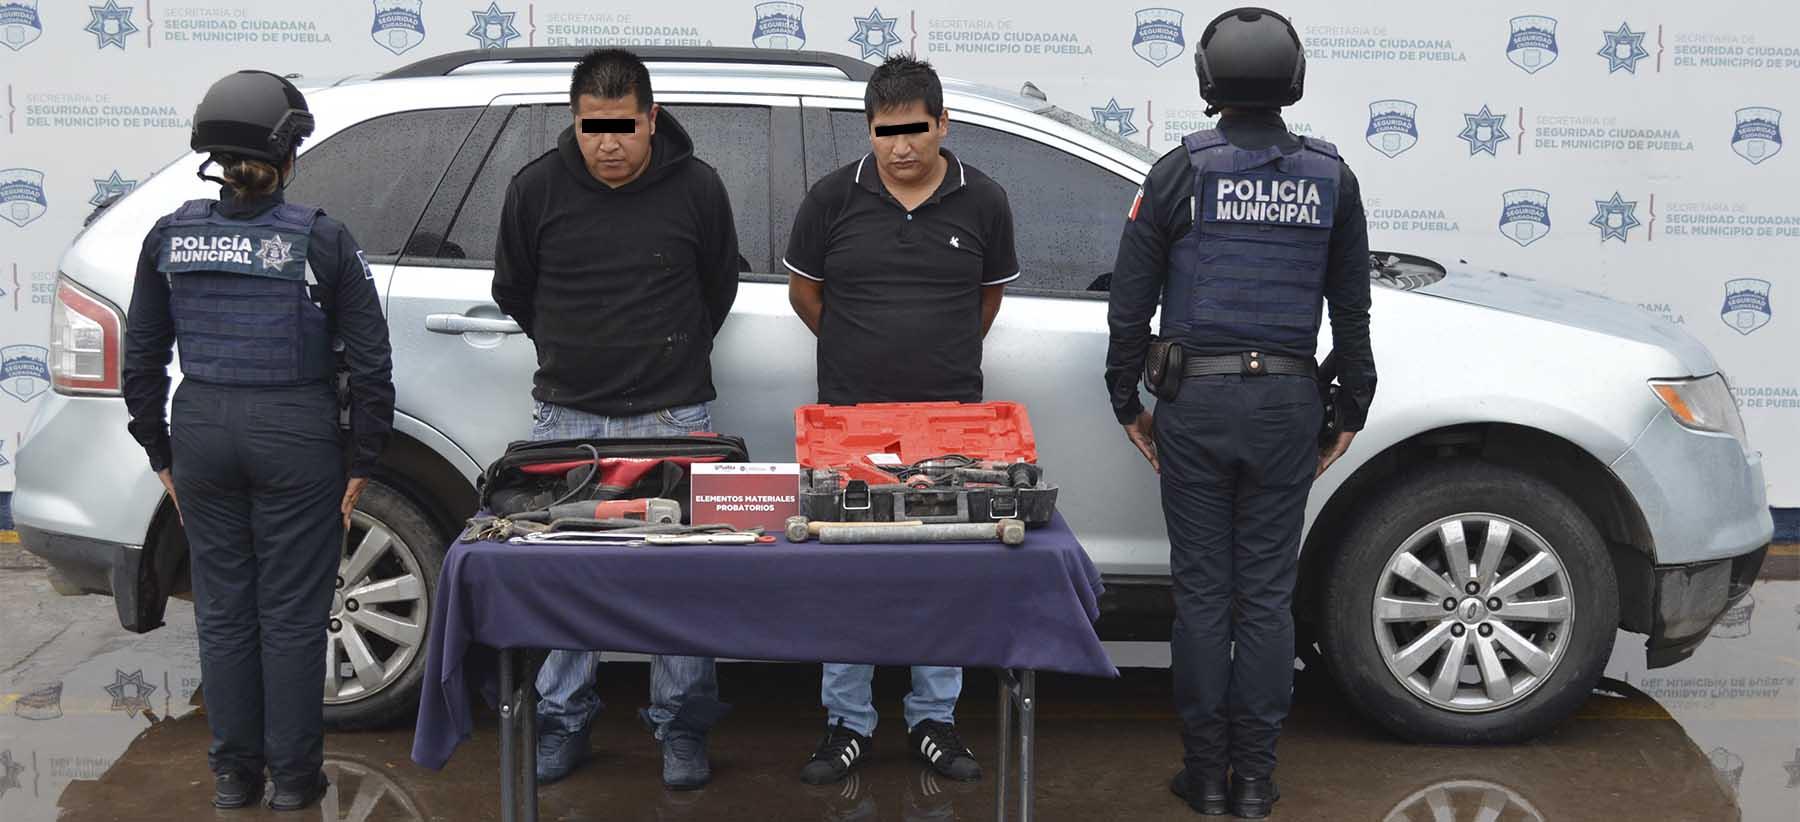 Exitosamente, detuvo Policía Municipal de Puebla a dos hombres por robo contra una constructora en Amozoc de Mota